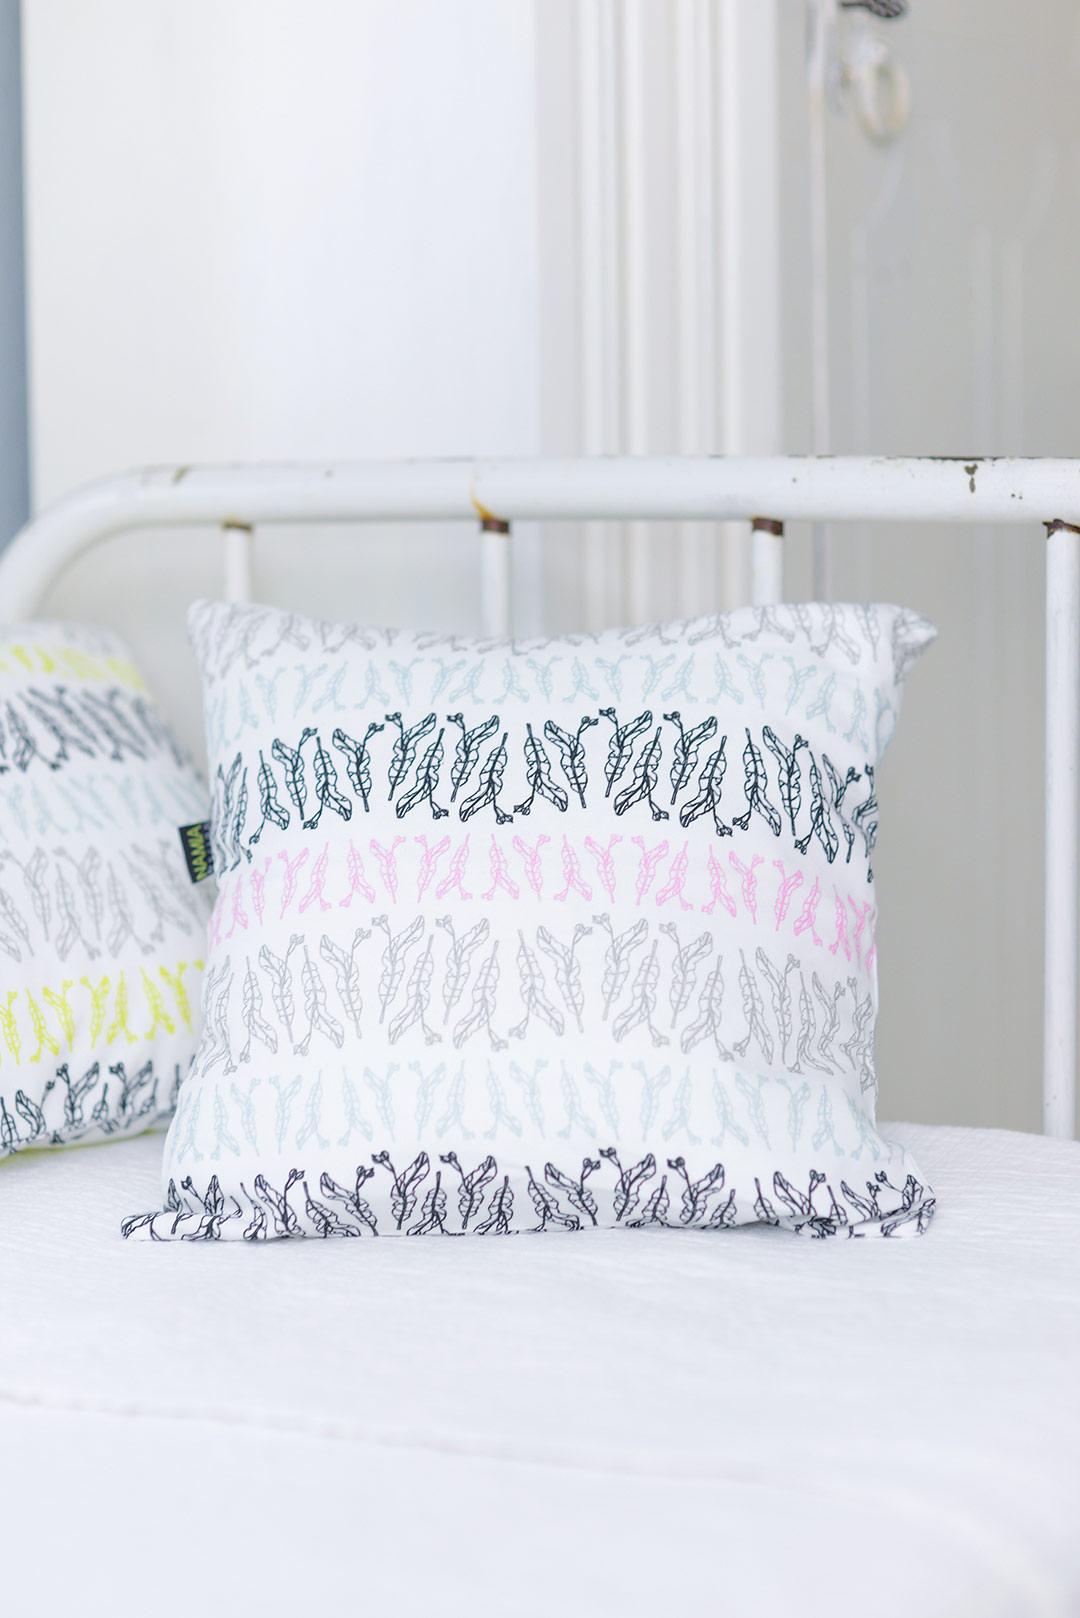 Lehmus cushion cover by Namia Design